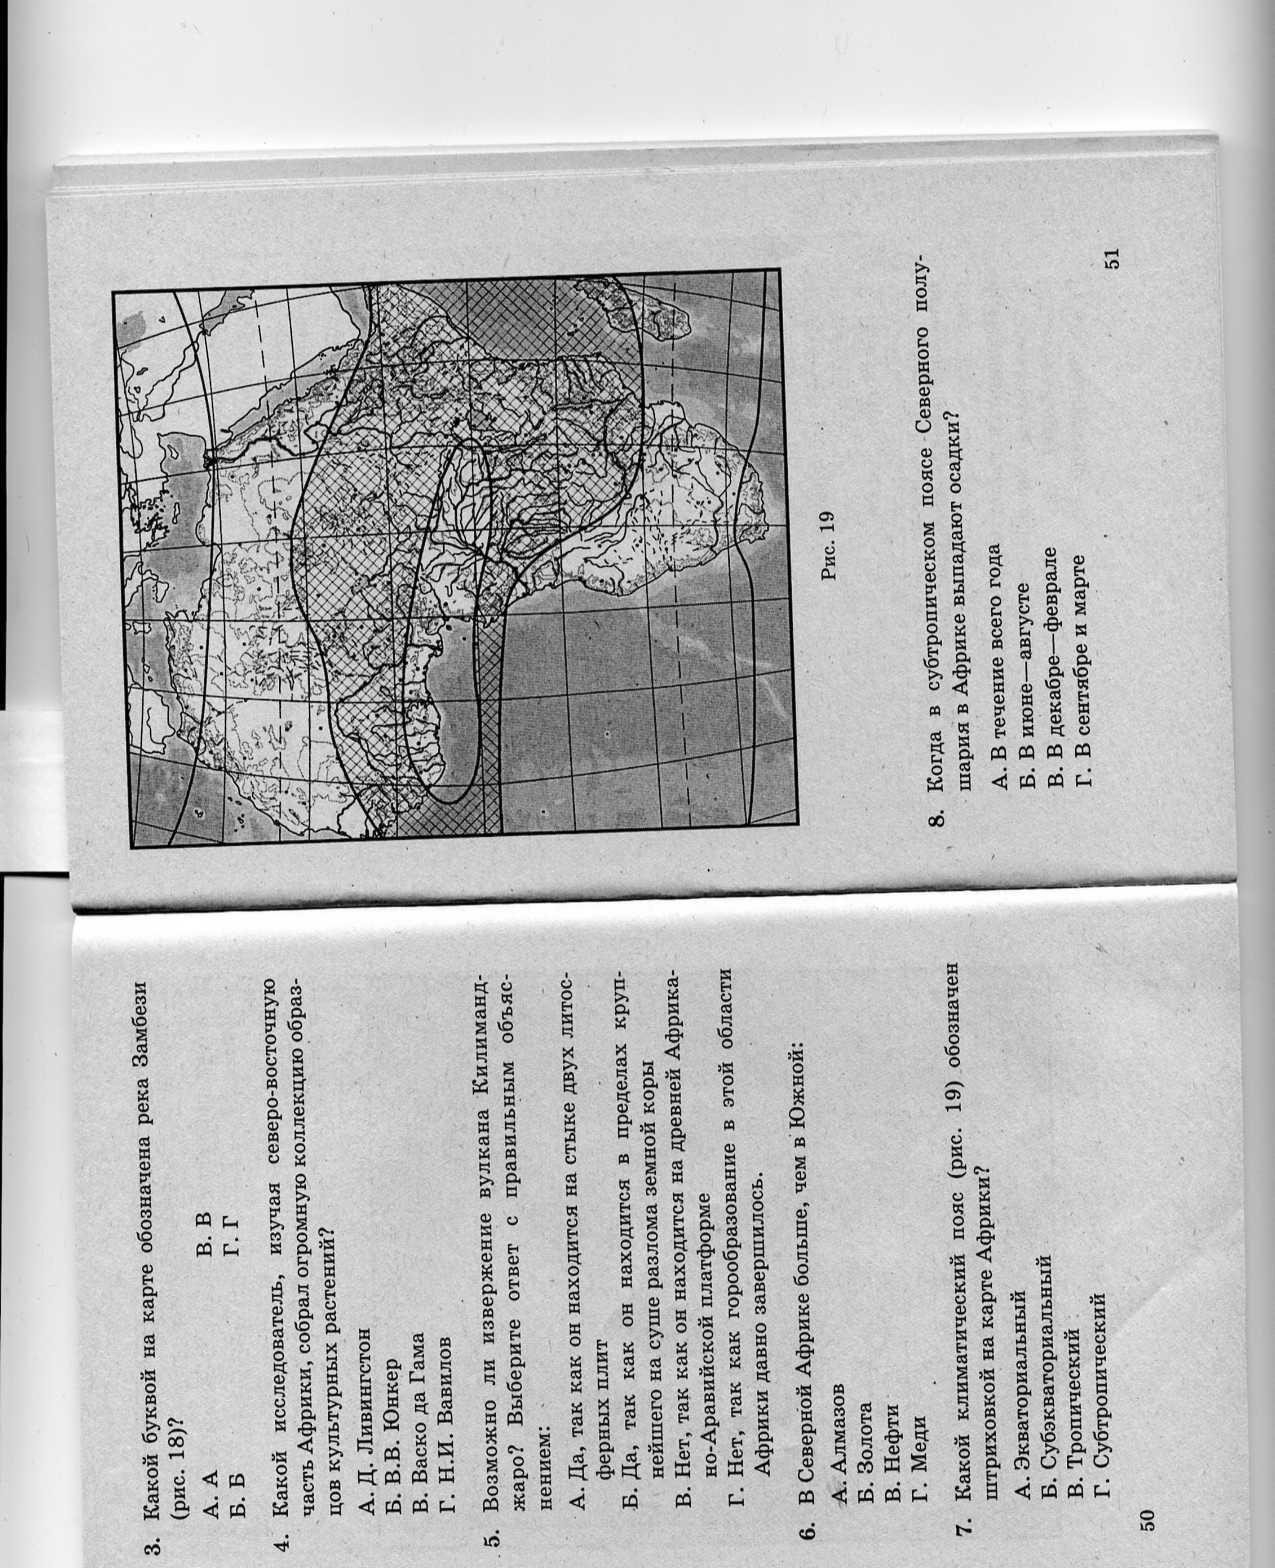 Контрольная работа по географии по теме Африка класс г i 161 jpg